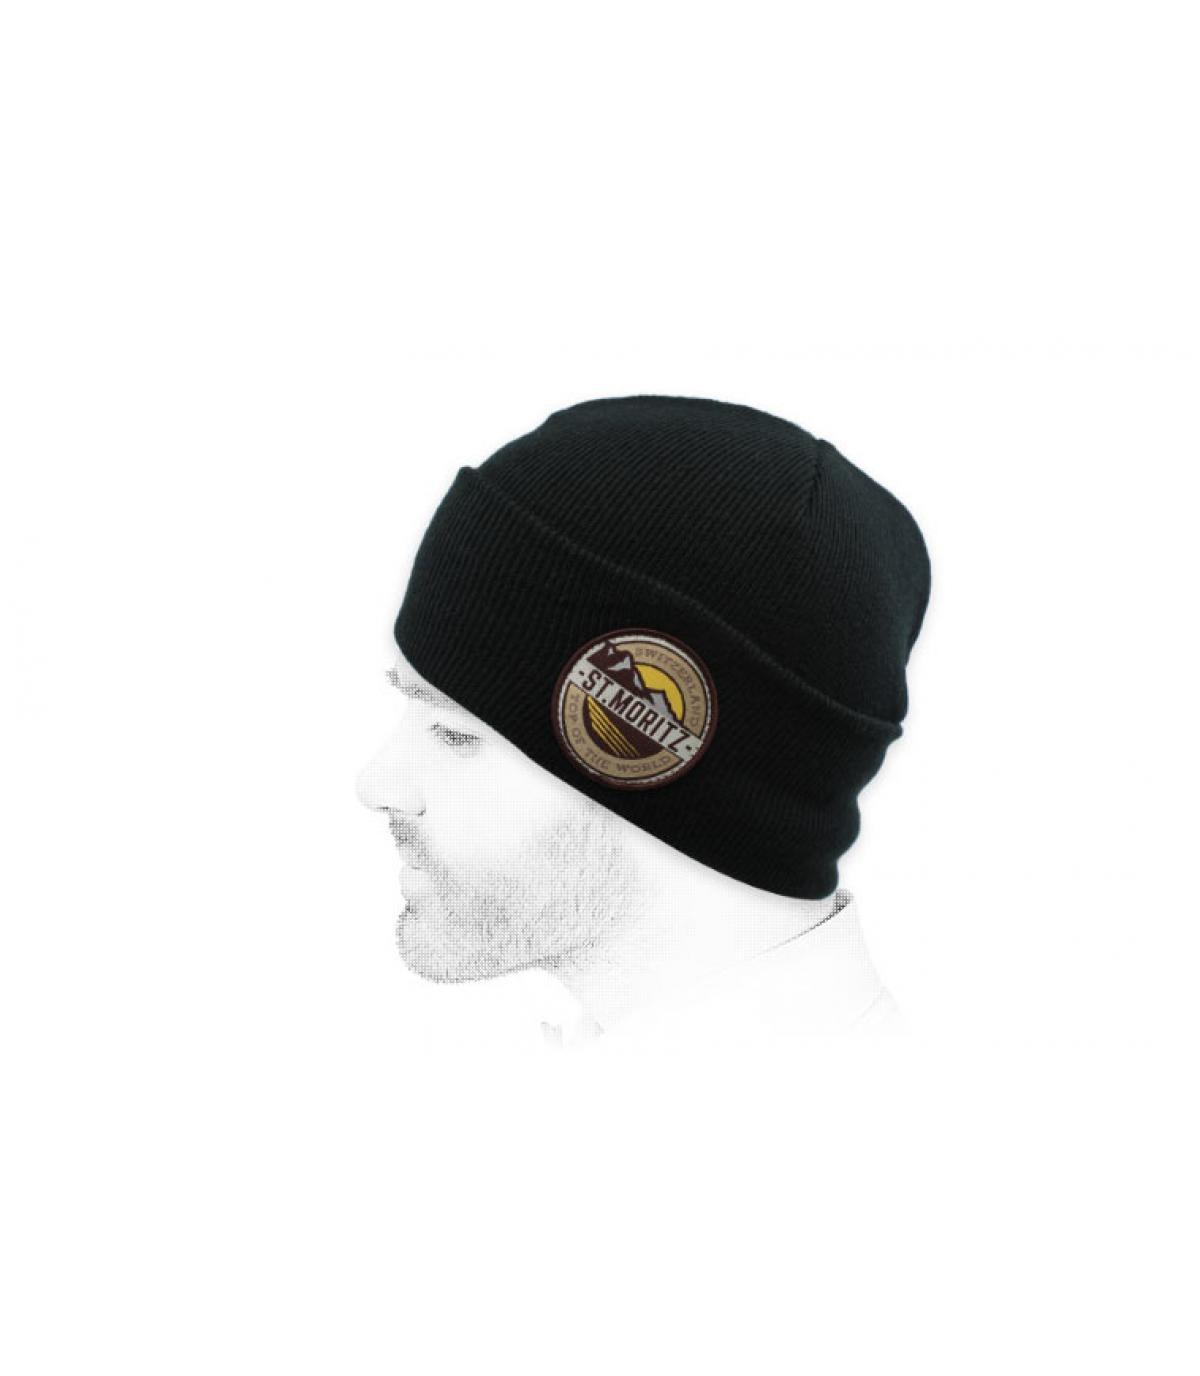 mütze st moritz schwarz